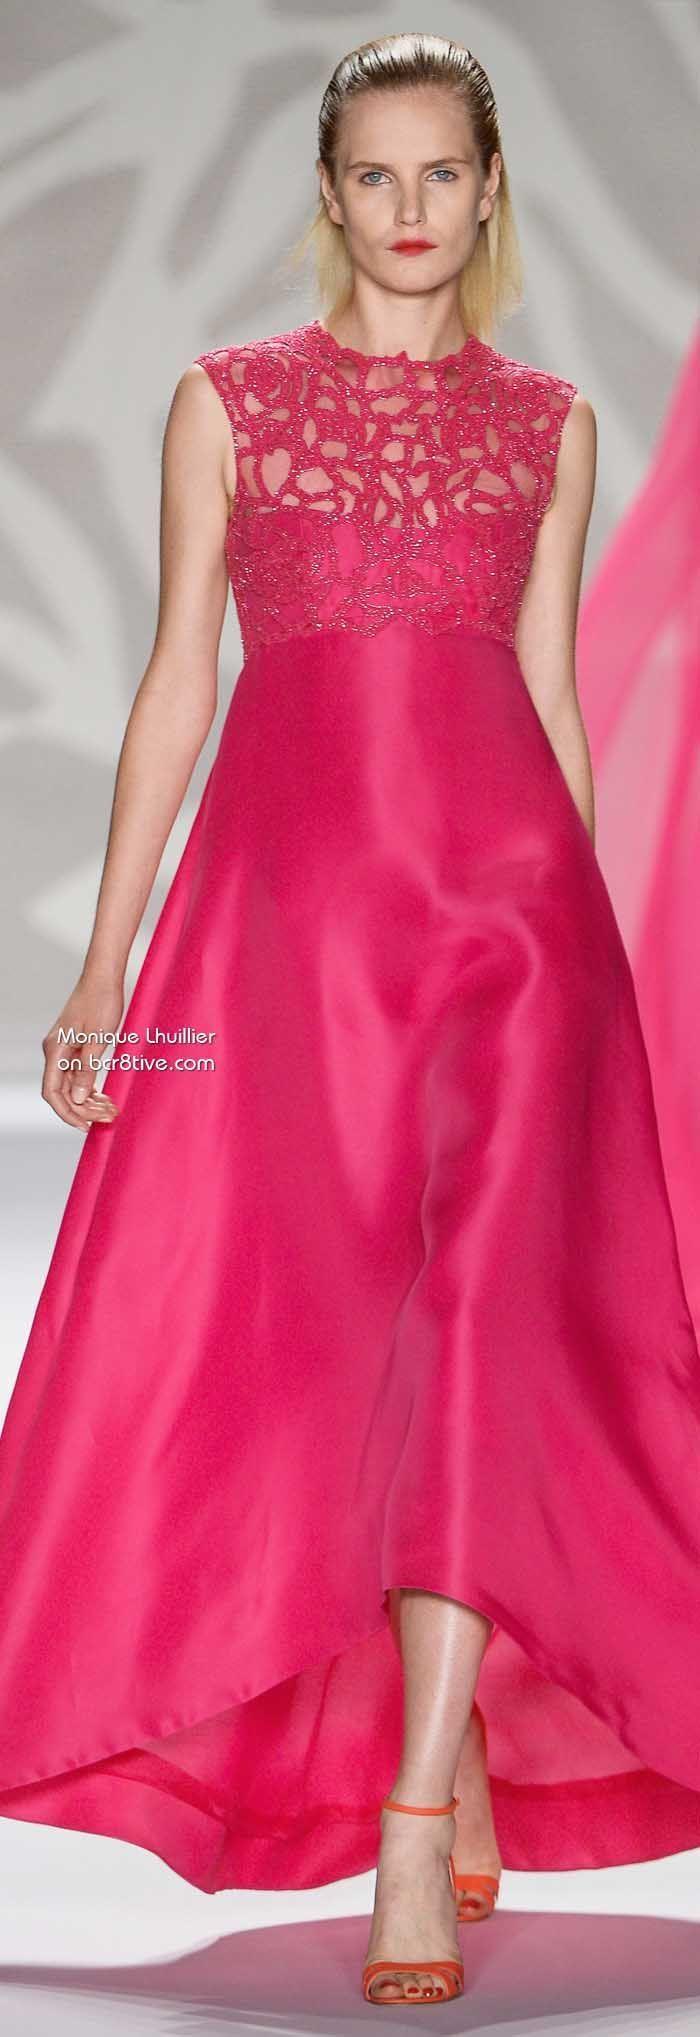 Pink n purple dress  PINK u PURPLE PRINTED DRESSES  PINK u PURPLE PRINTED DRESSES